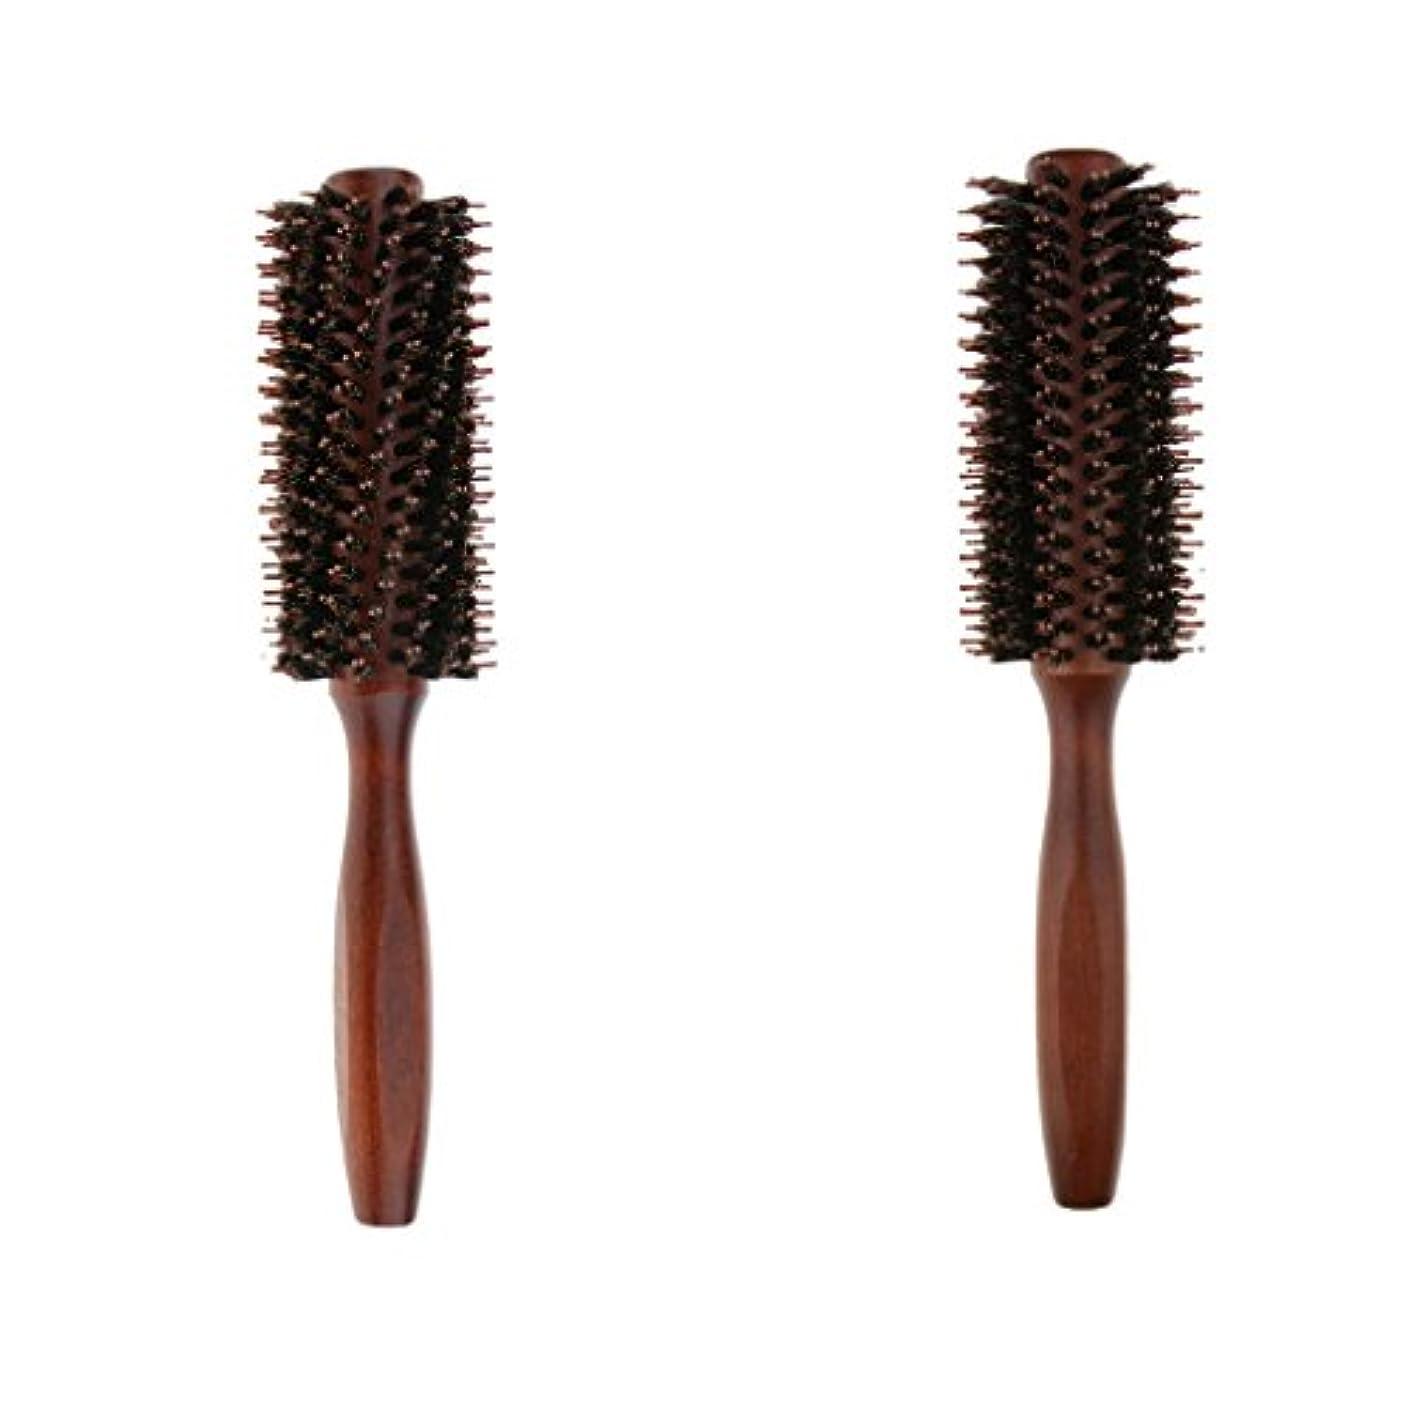 警告侵入保存するB Blesiya 2個 ロールブラシ ヘアブラシ ヘアカラーリング用 木製櫛 静電気防止 耐熱コーム 巻き髪